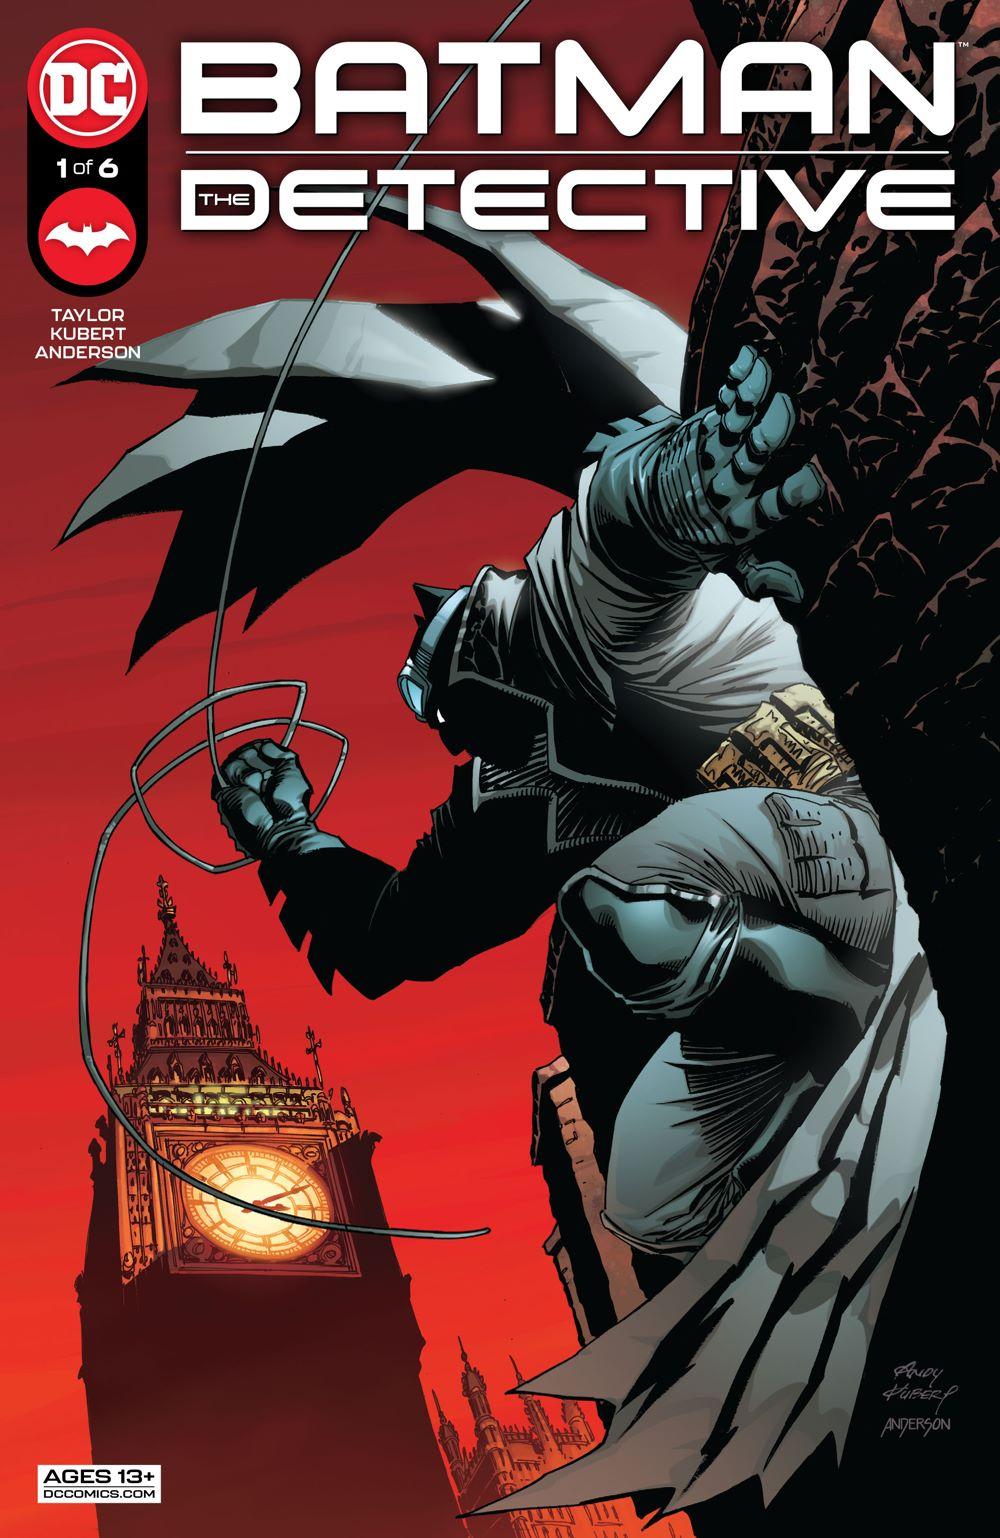 BM_DET_01-1_6070a8c0a38a22.76931966 ComicList Previews: BATMAN THE DETECTIVE #1 (OF 6)